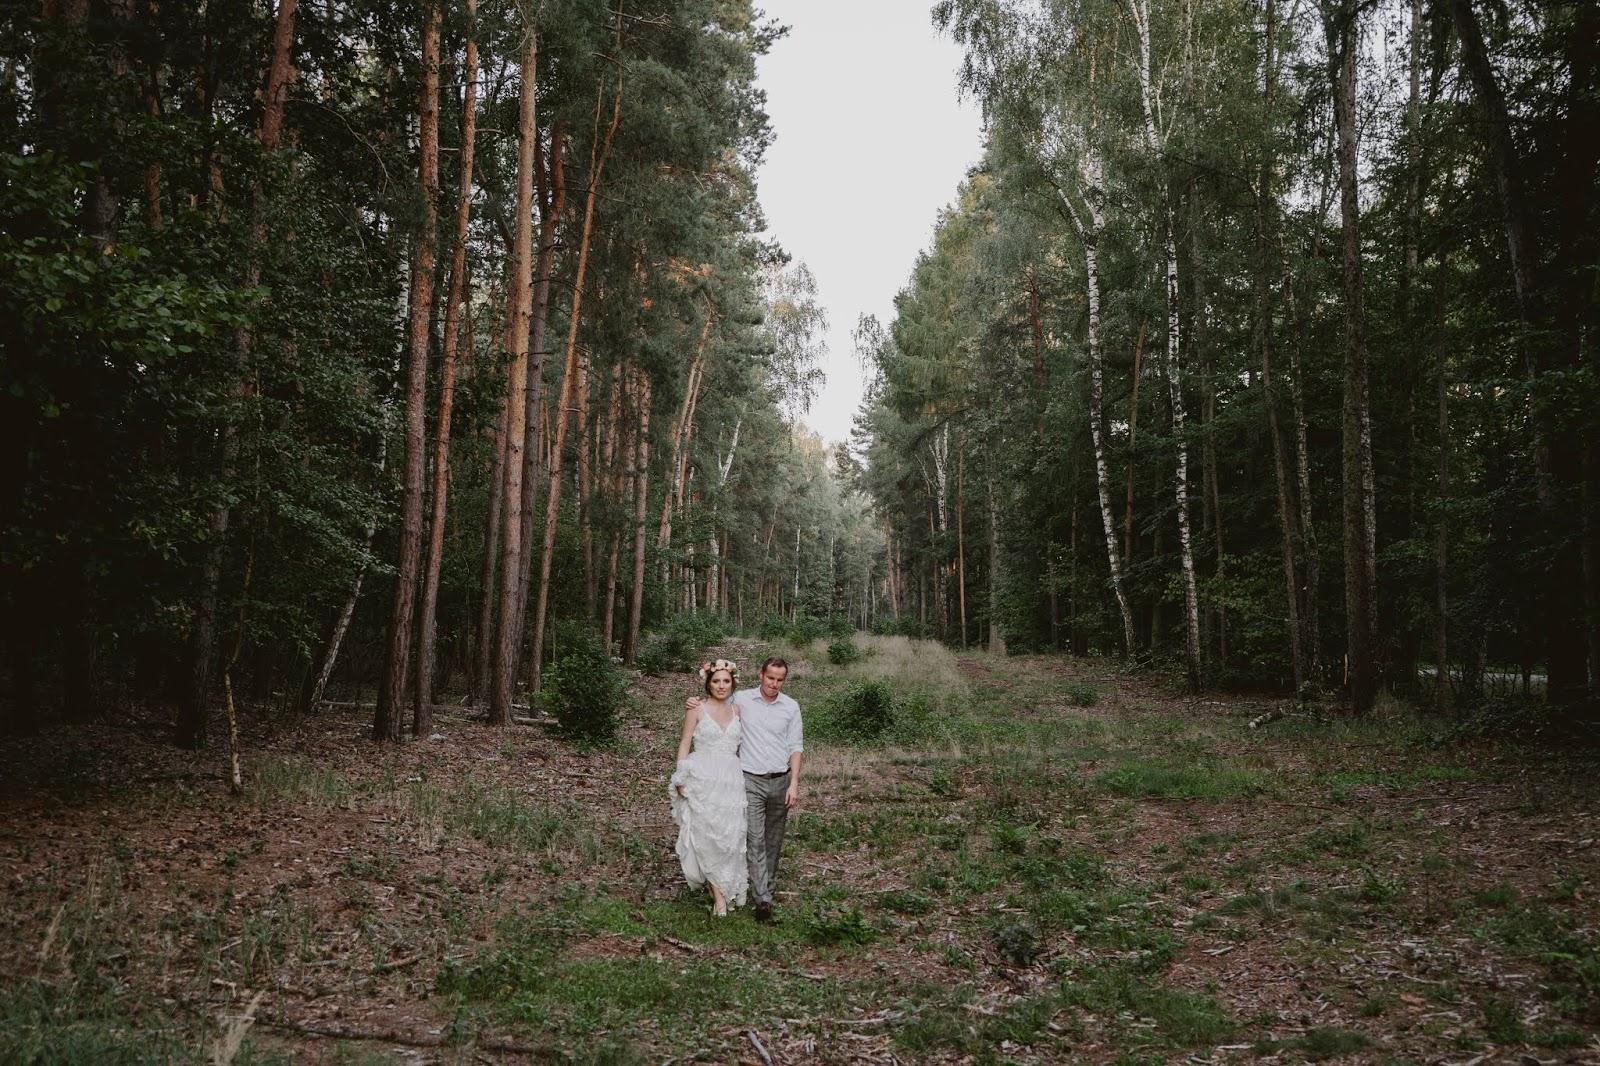 Sesja ślubna karina paweł las w lesie miłość blog modowy kazimierz dolny mięćmierz leśna brama sesja boho rustykalna suknia 3d koronka panna młoda pan młody śna brama sesja boho rustykalna